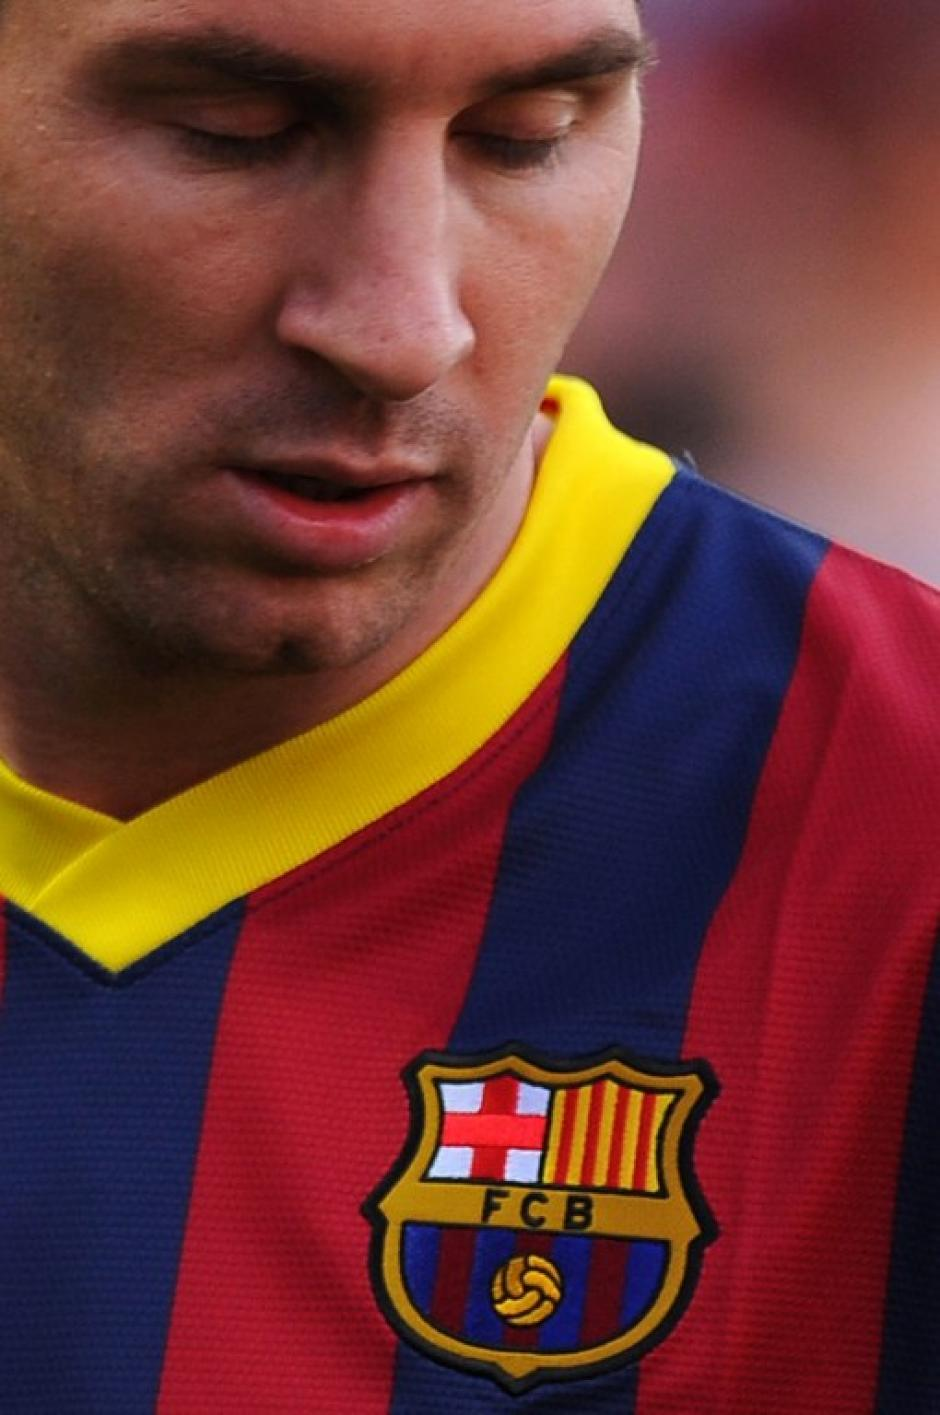 Las últimas actuaciones de Messi han sido reprobadas por gran parte de la afición del Barcelona. (Foto: AFP)